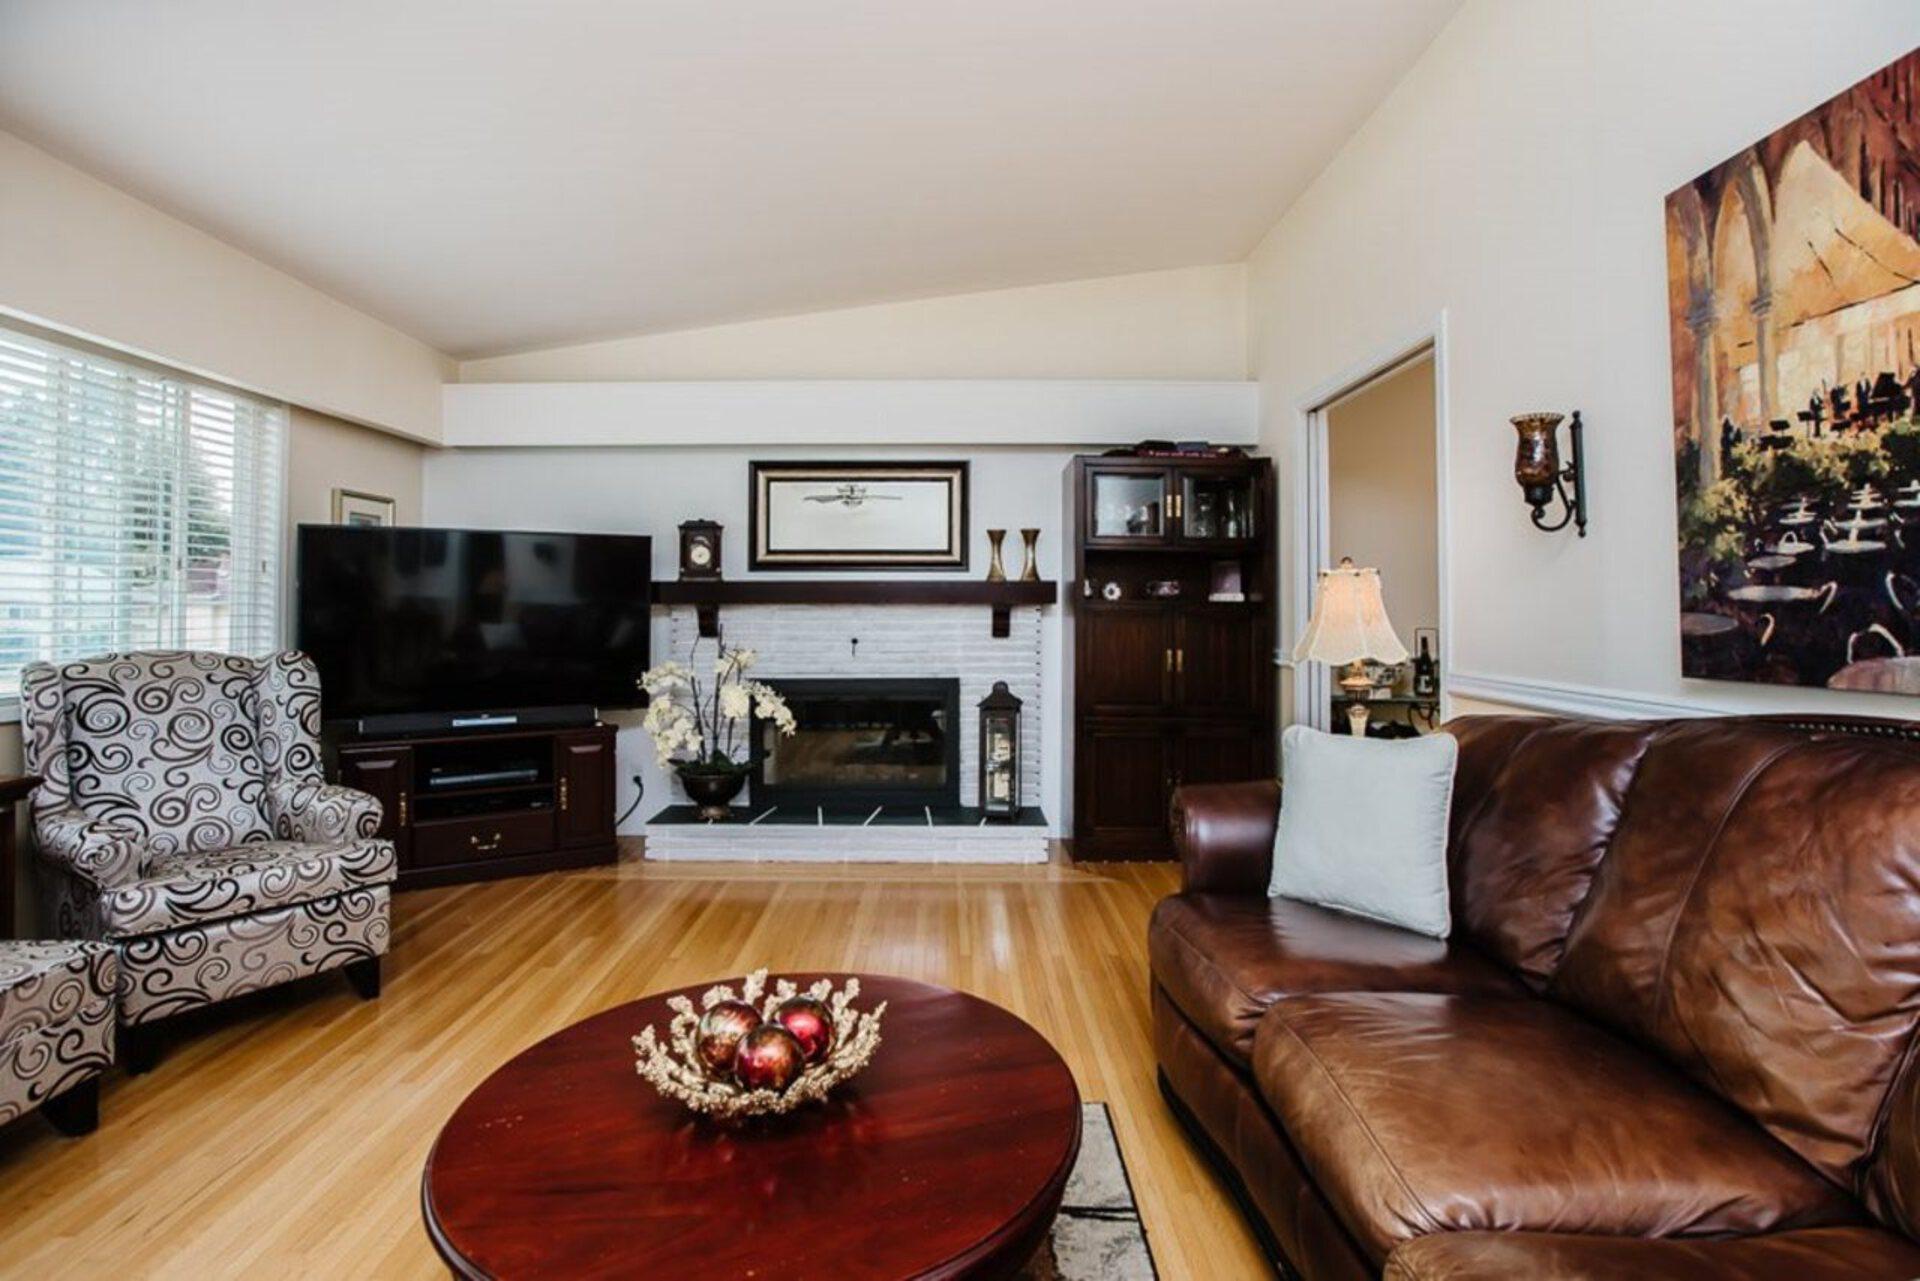 21519-122-avenue-west-central-maple-ridge-03 at 21519 122 Avenue, West Central, Maple Ridge